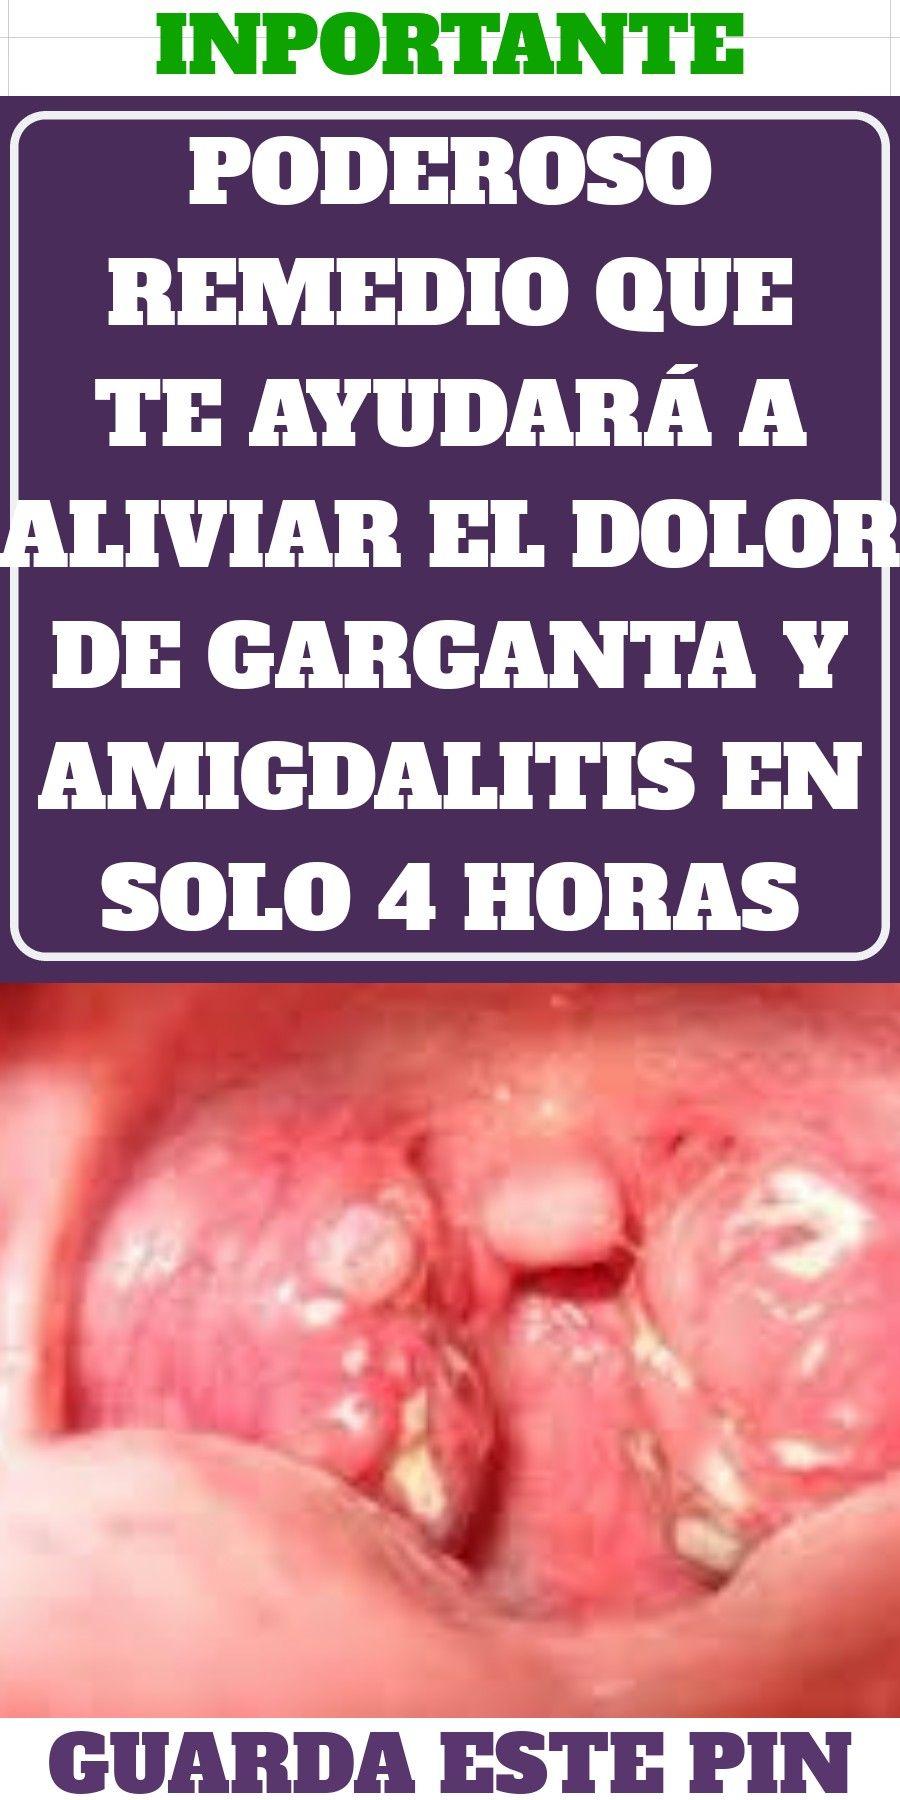 como aliviar dolor de garganta por amigdalitis